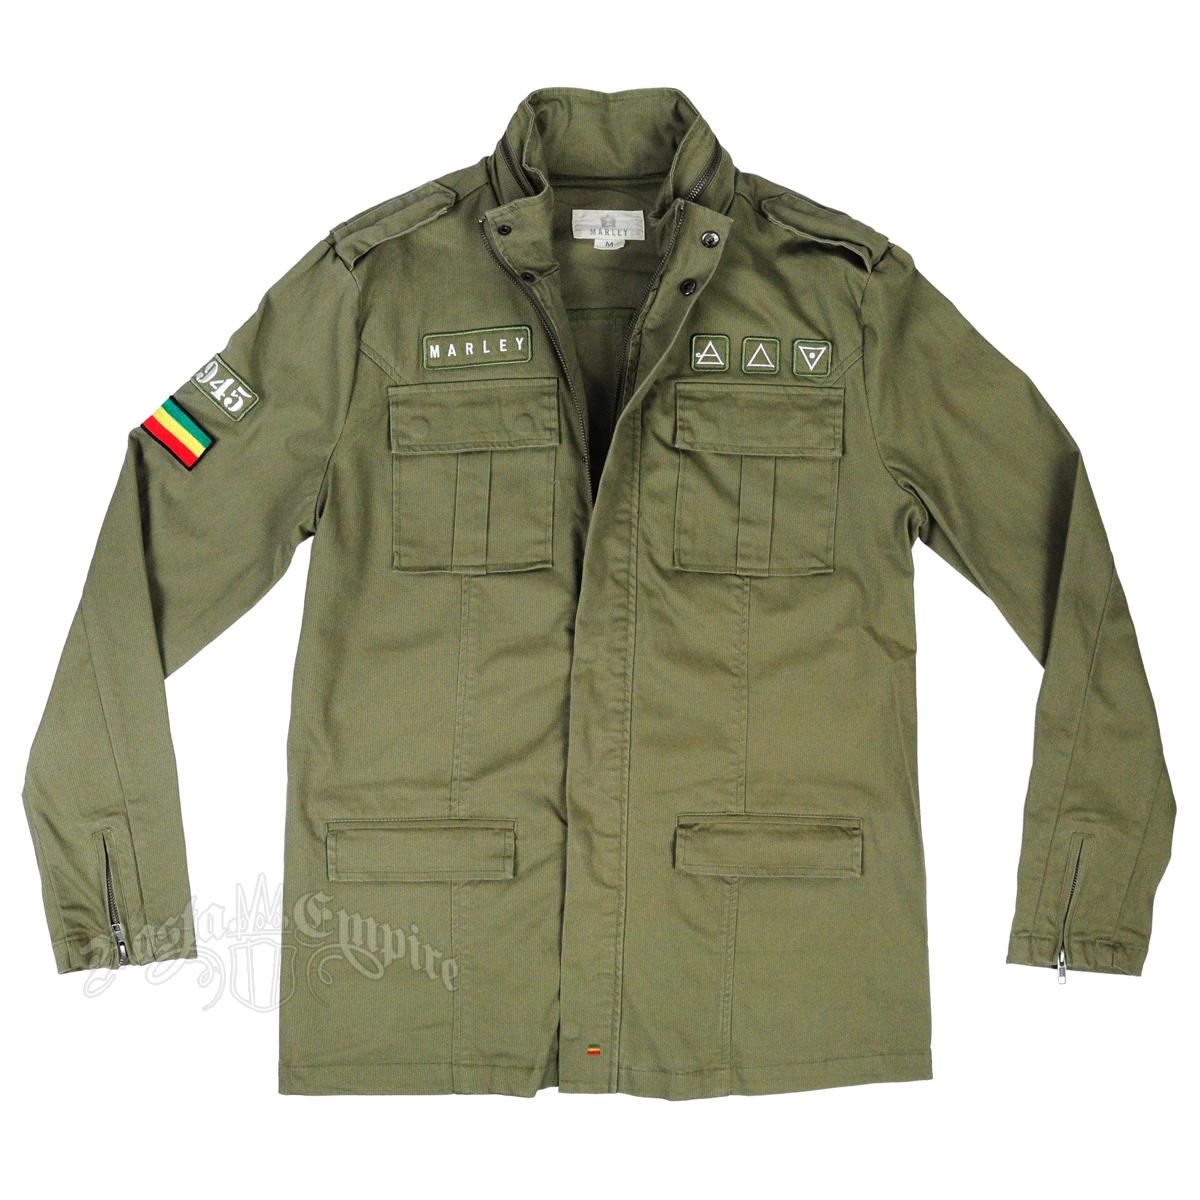 Marley Olive Green Military Jacket - Men's @ SevenLeaf.com